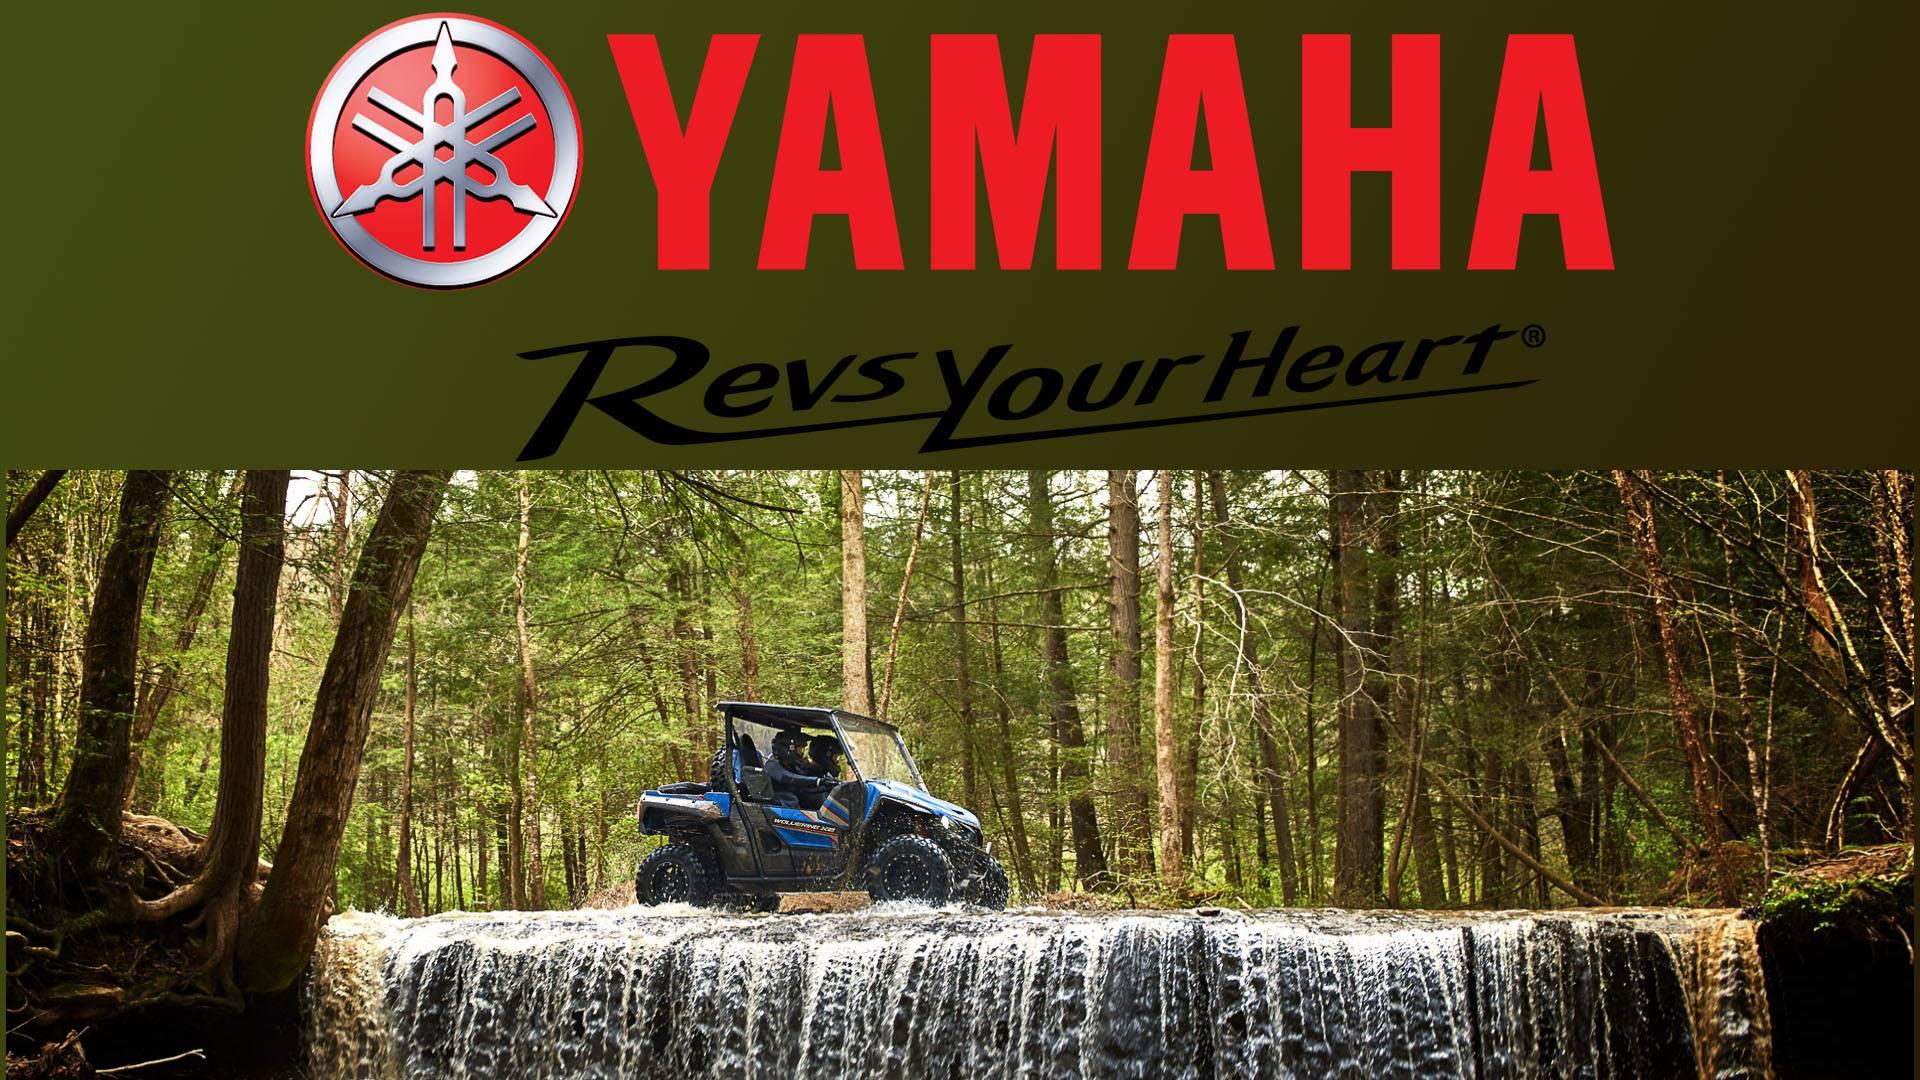 Yamaha - Utility ATV